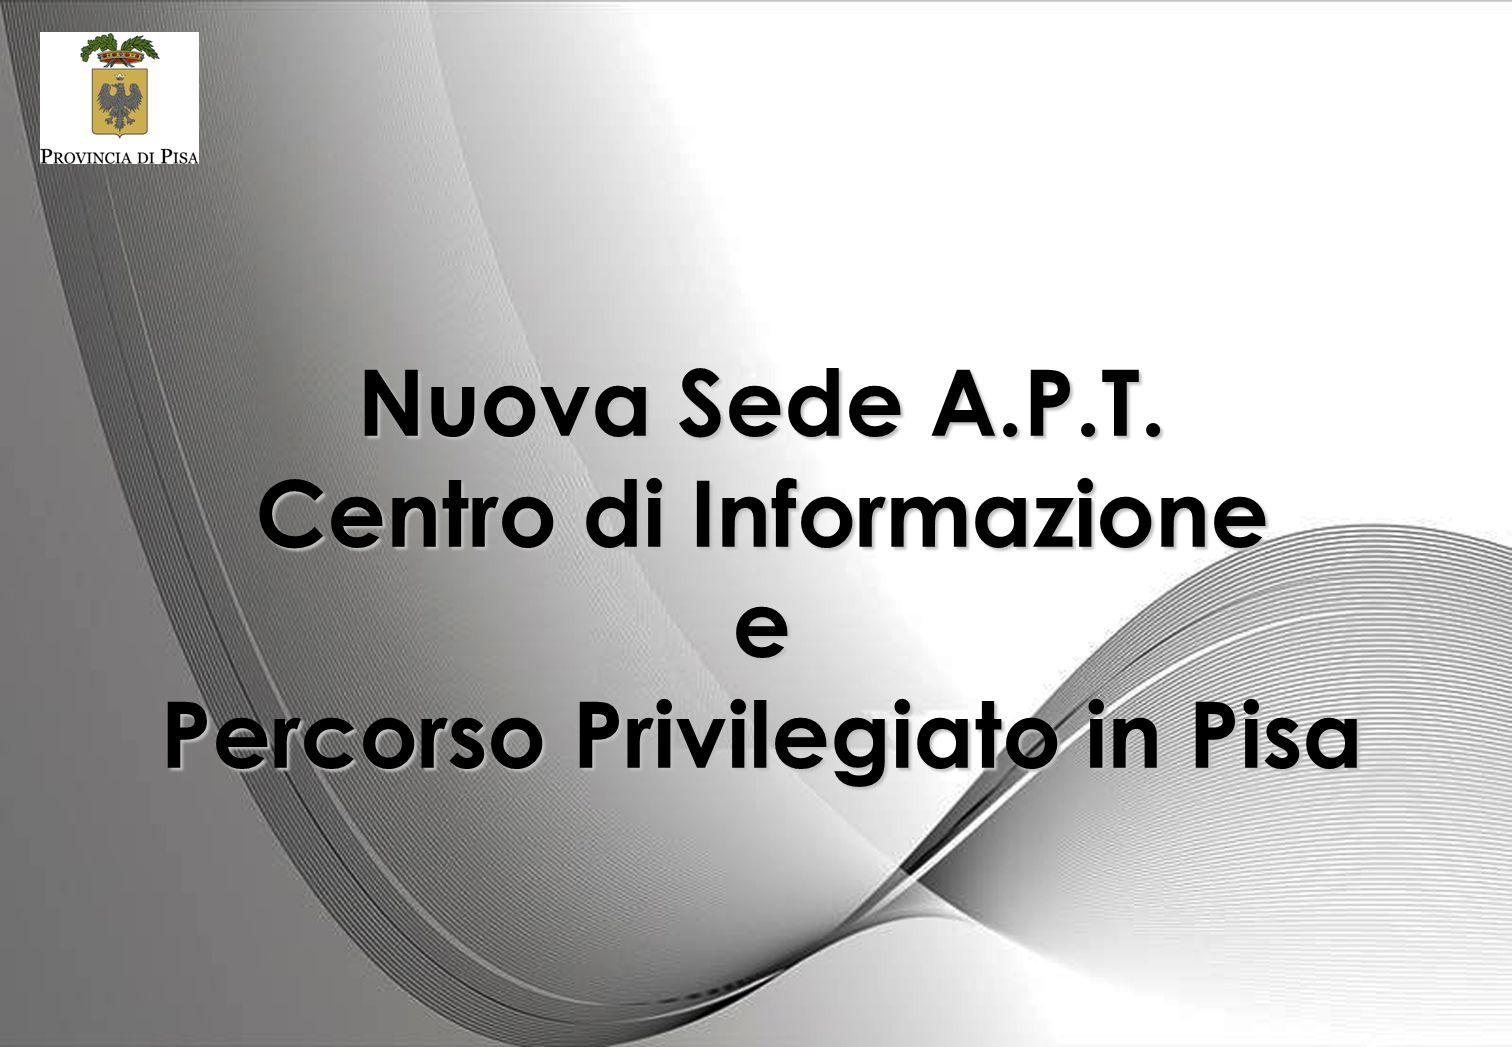 Nuova Sede A.P.T. Centro di Informazione e Percorso Privilegiato in Pisa